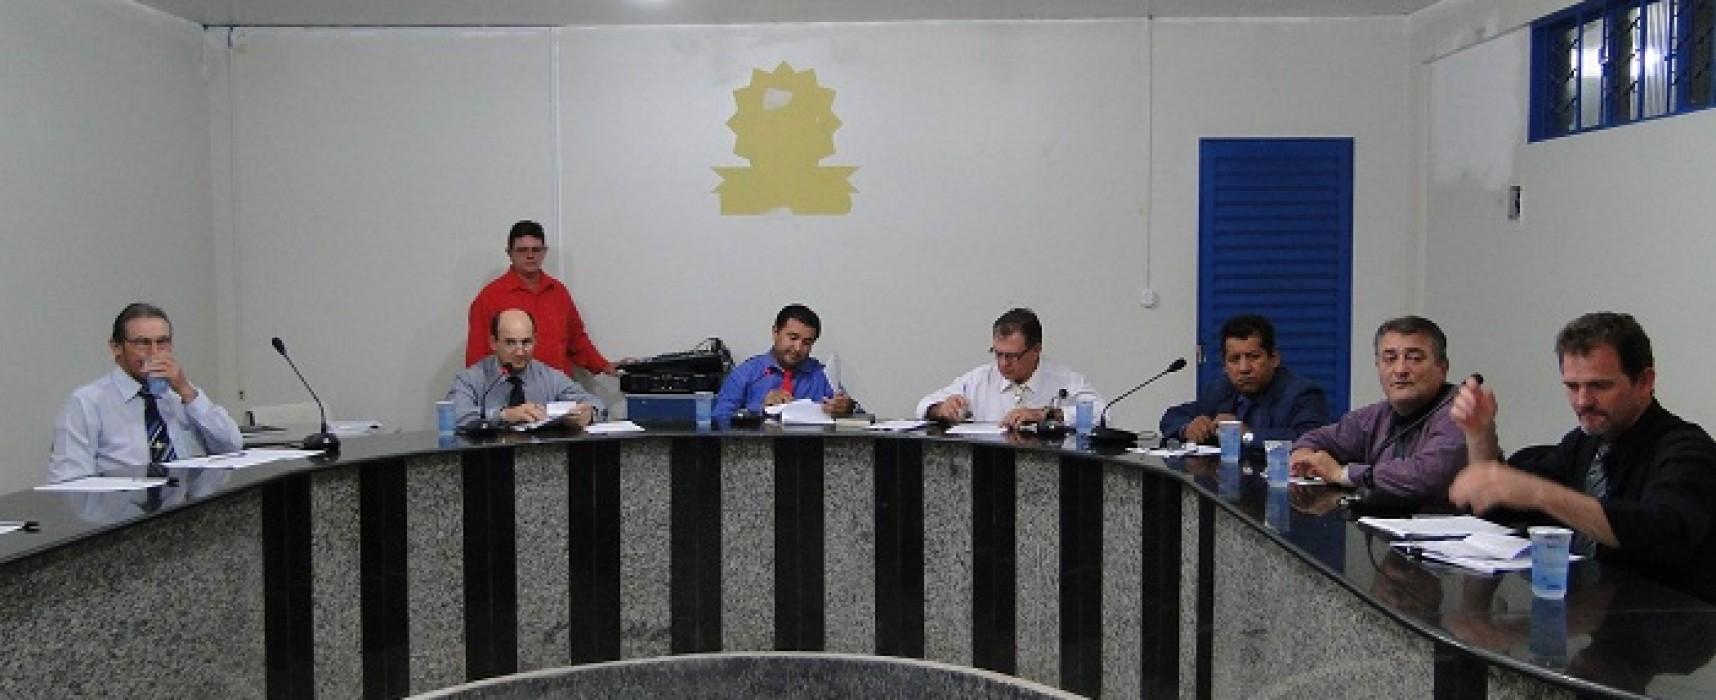 Vereadores escolhem hoje o novo presidente da Câmara